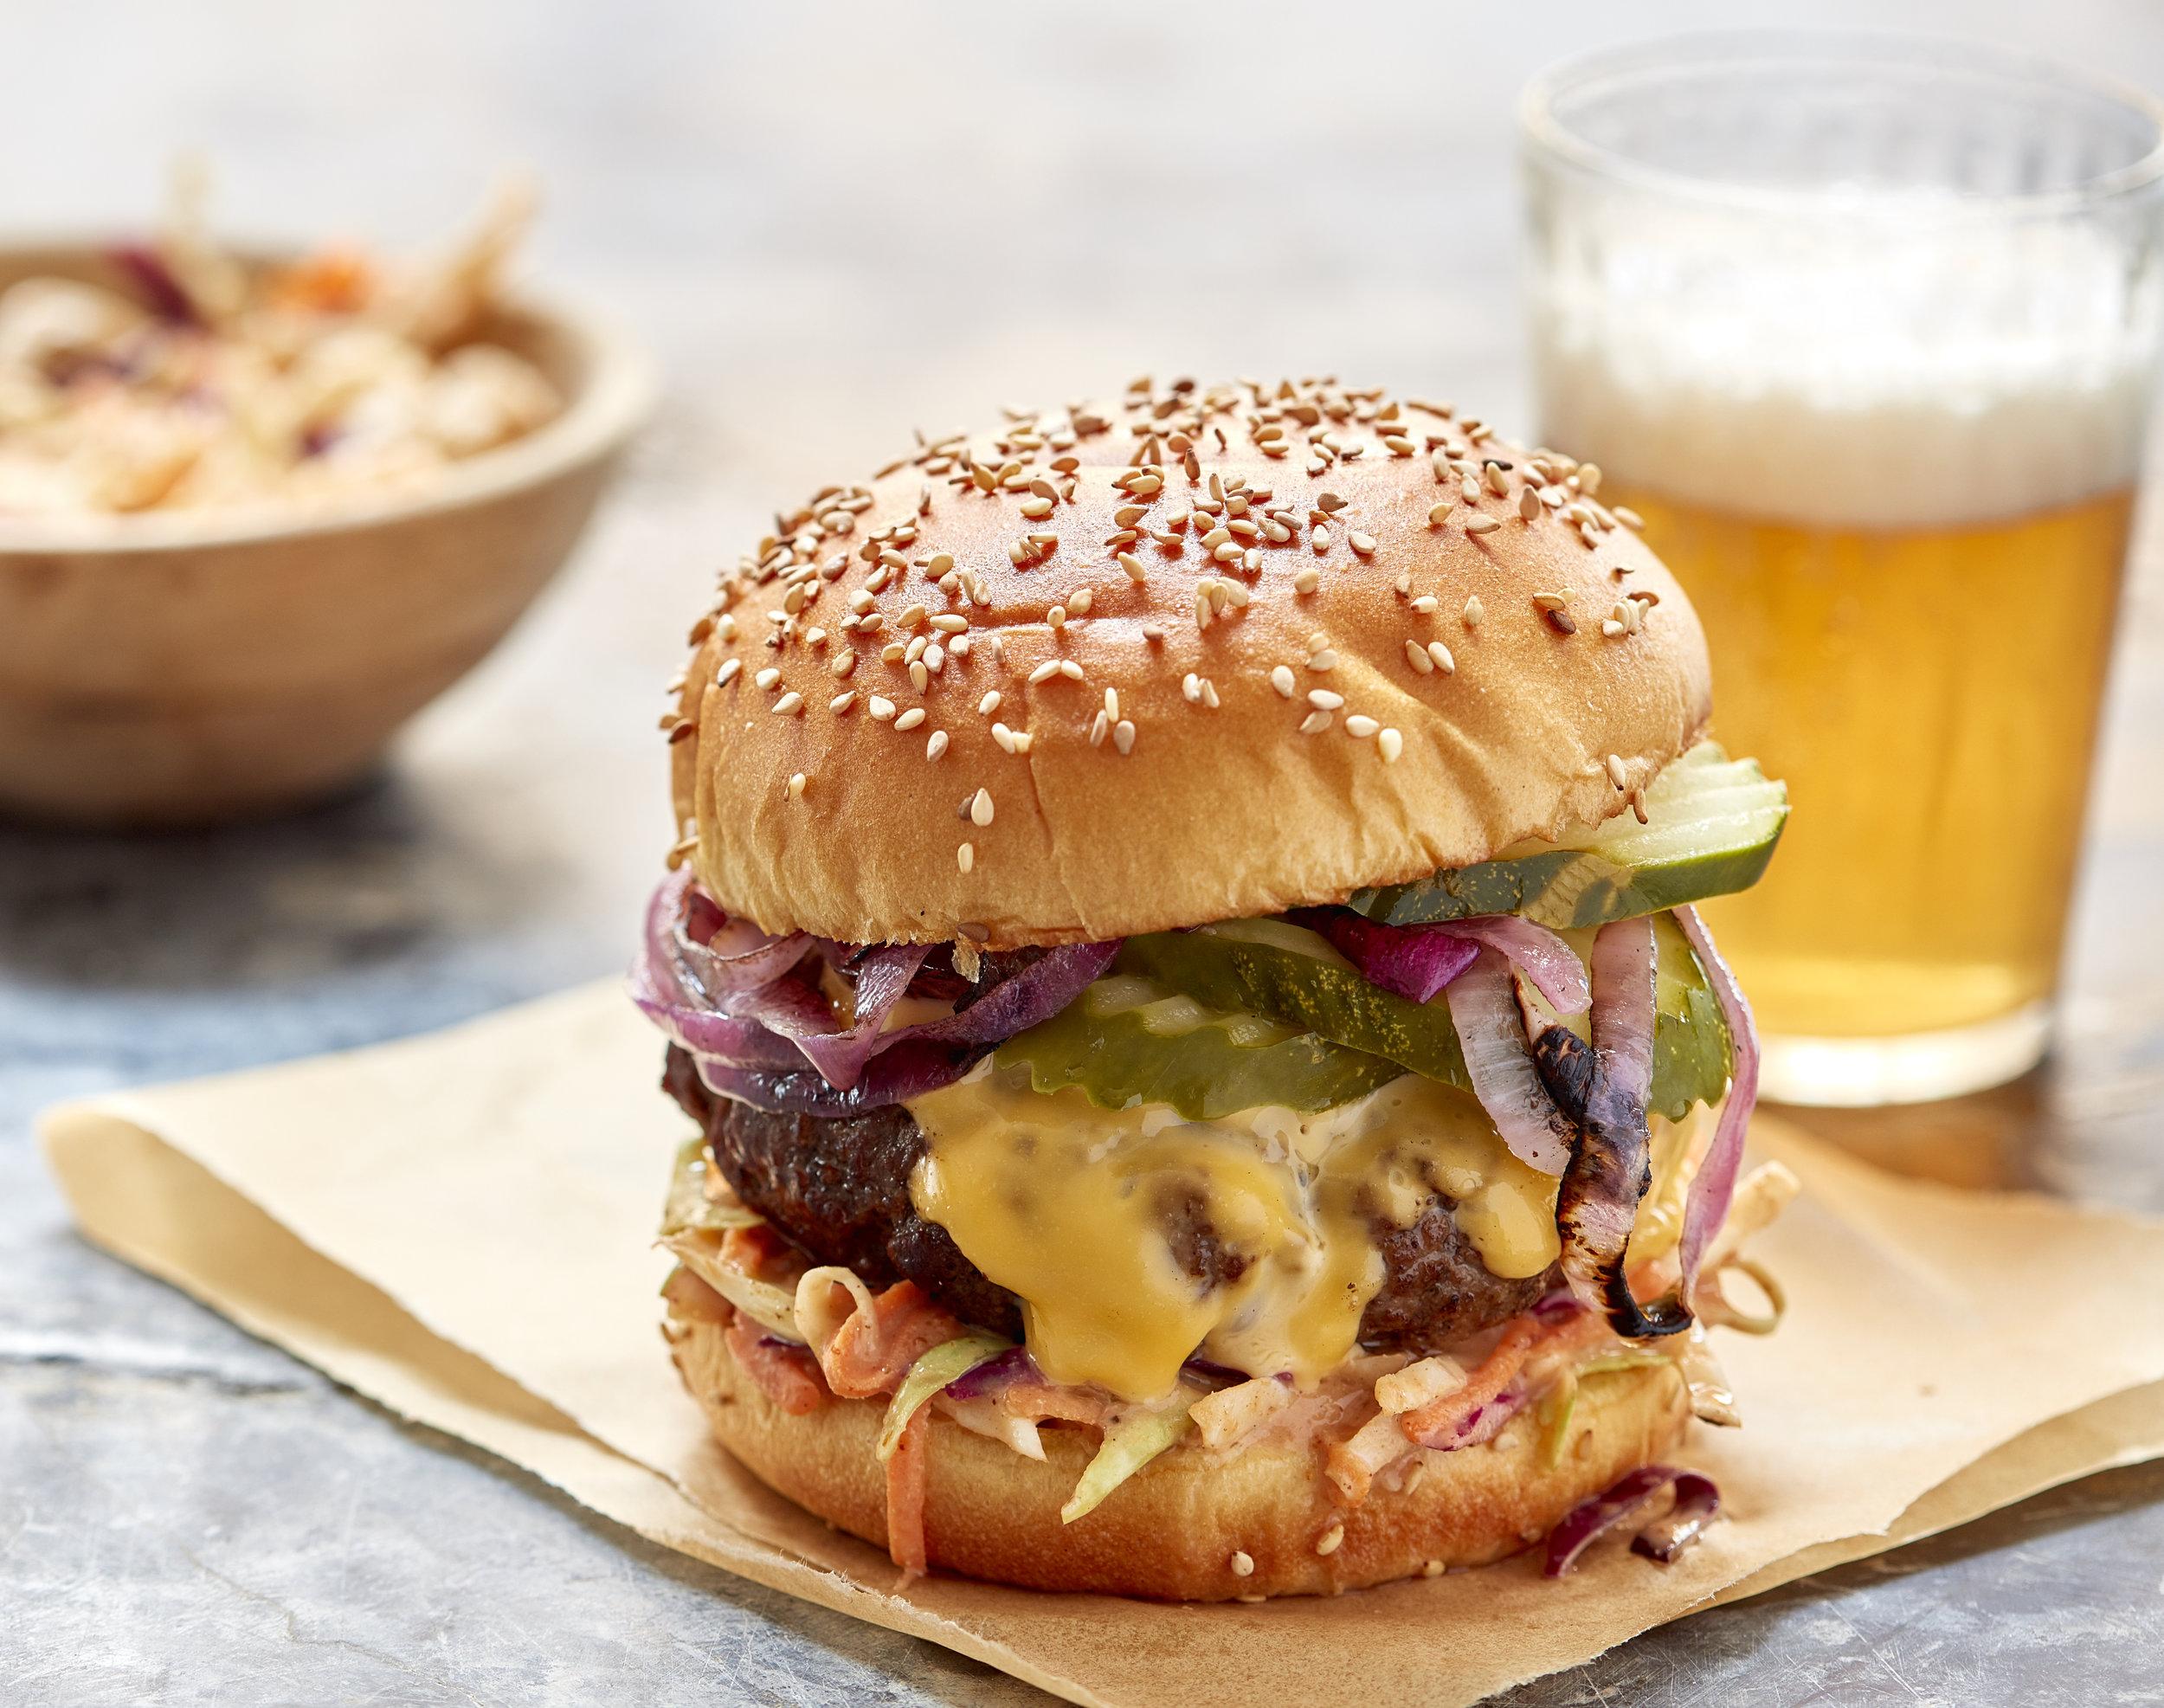 BurgerWithSlaw.jpg